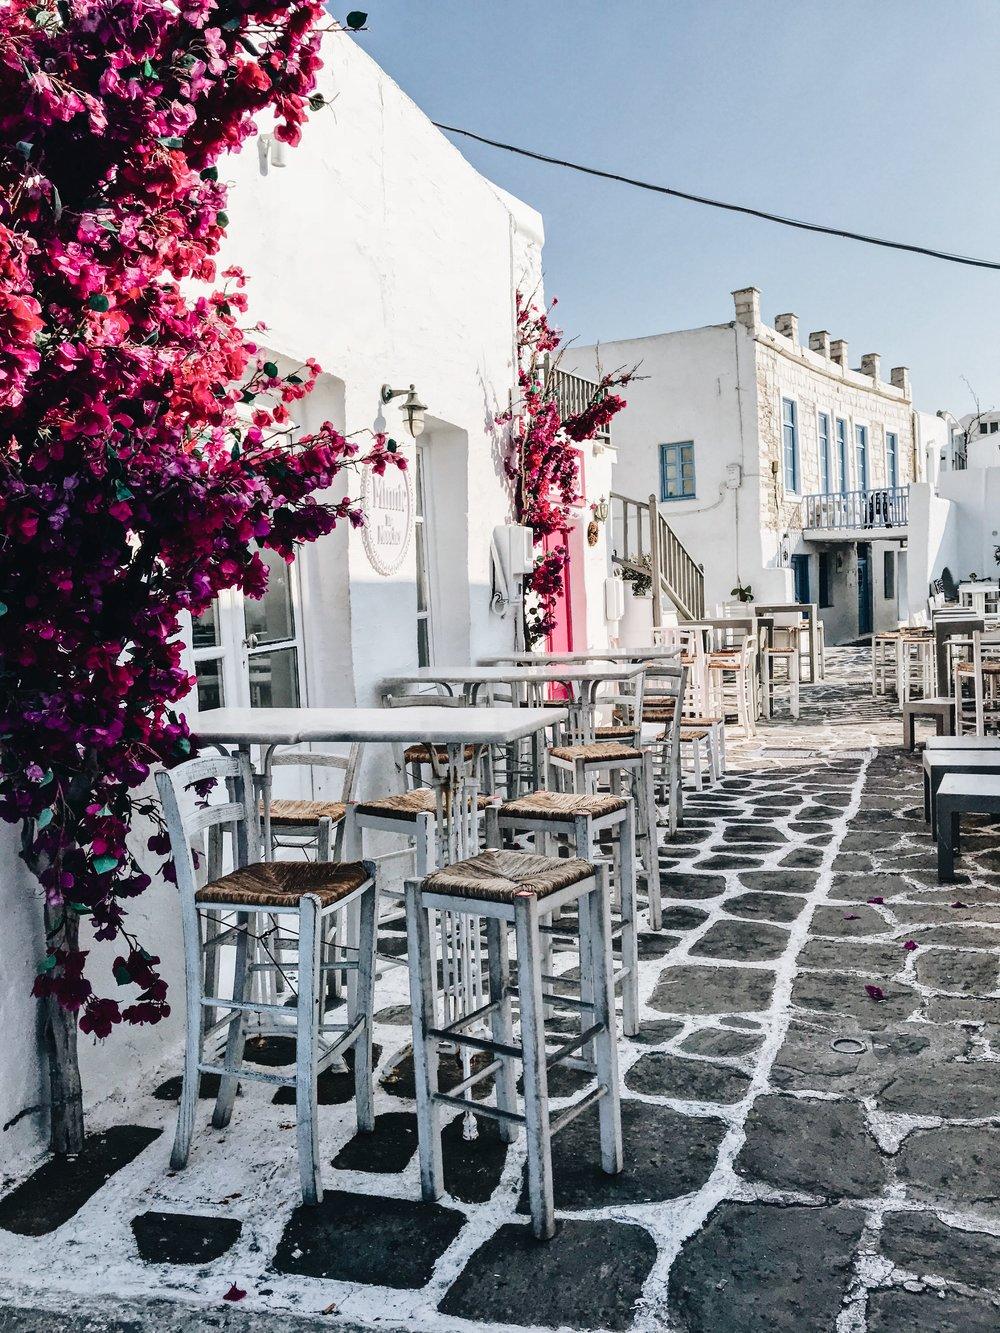 Image: Naousa, Paros, Greece - Naousa Town